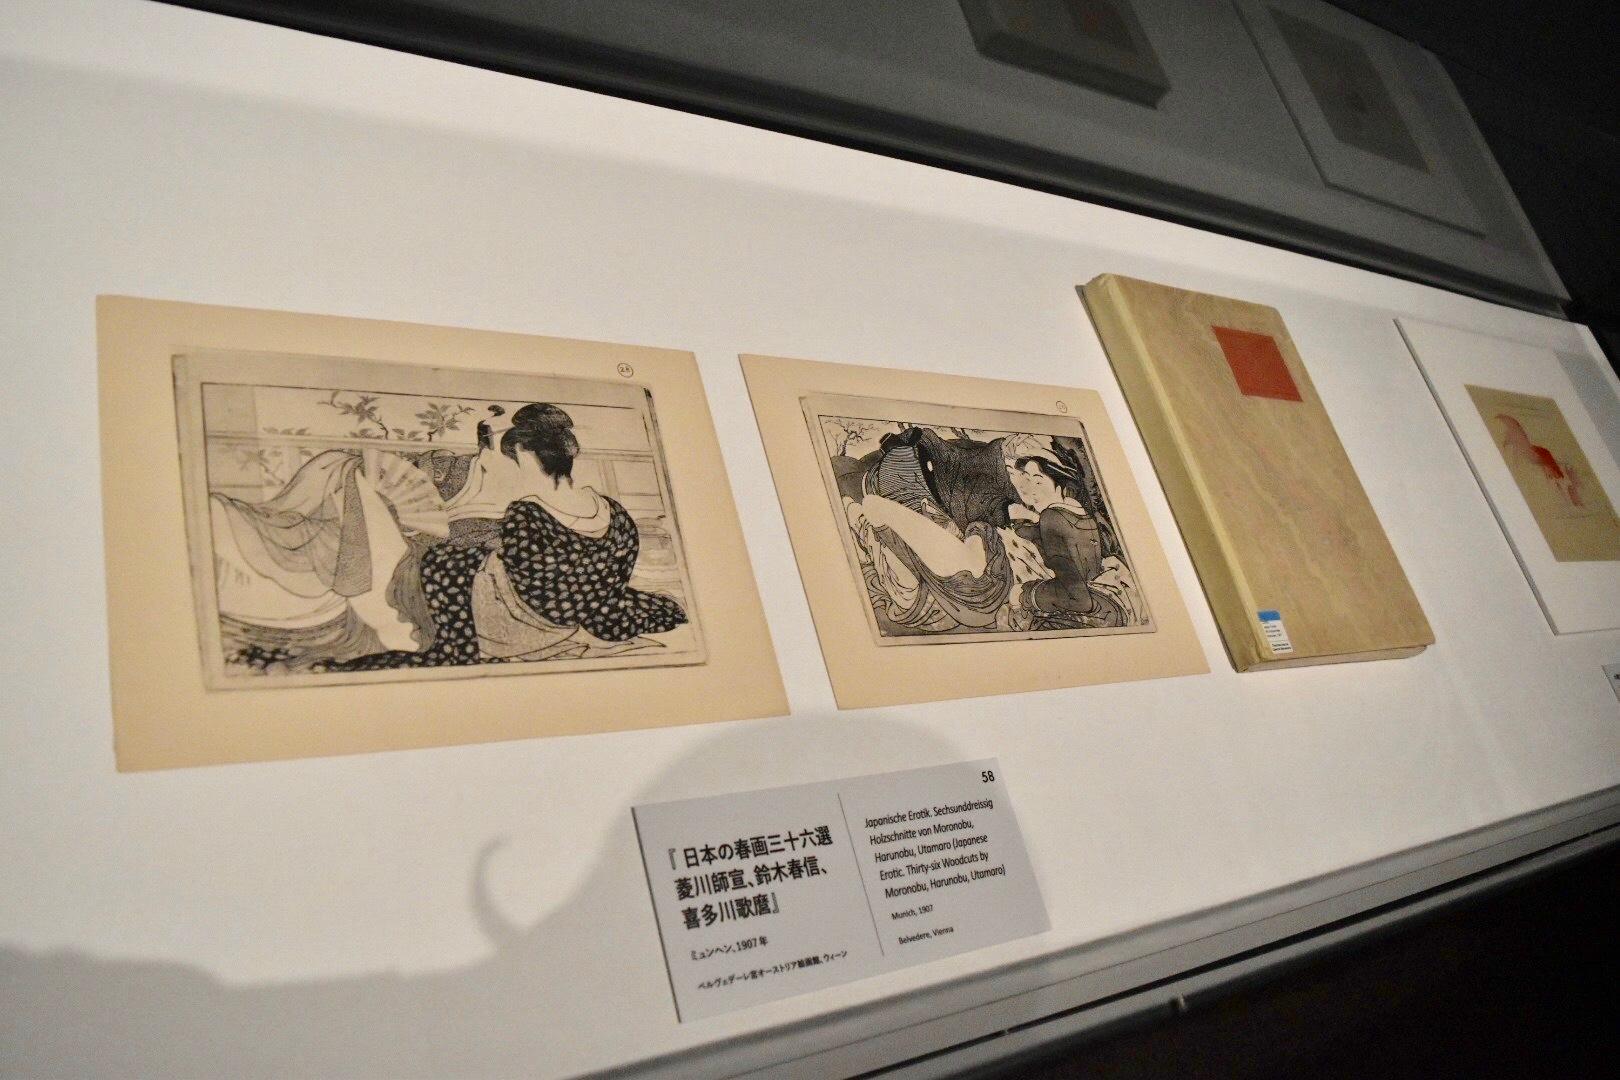 『日本の春画三十六選 菱川師宣、鈴木春信、喜多川歌麿』 1907年 ベルヴェデーレ宮オーストリア絵画館蔵